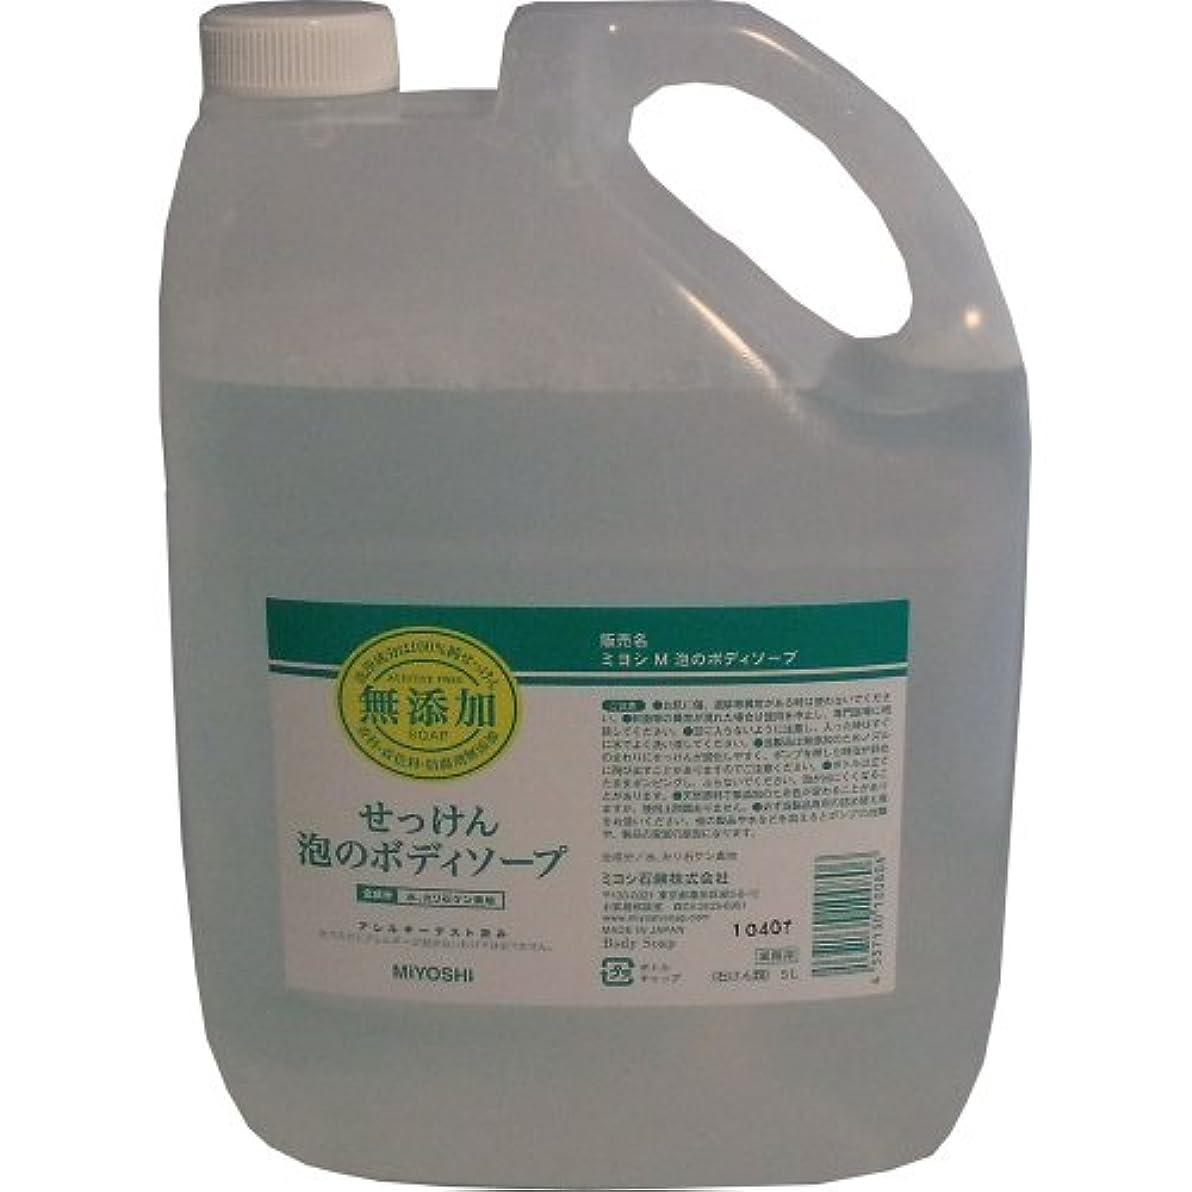 不健全意気揚々修羅場ミヨシ石鹸無添加せっけん 泡のボディソープ 5L×4個セット 取り寄せ商品のため7-10日かかります